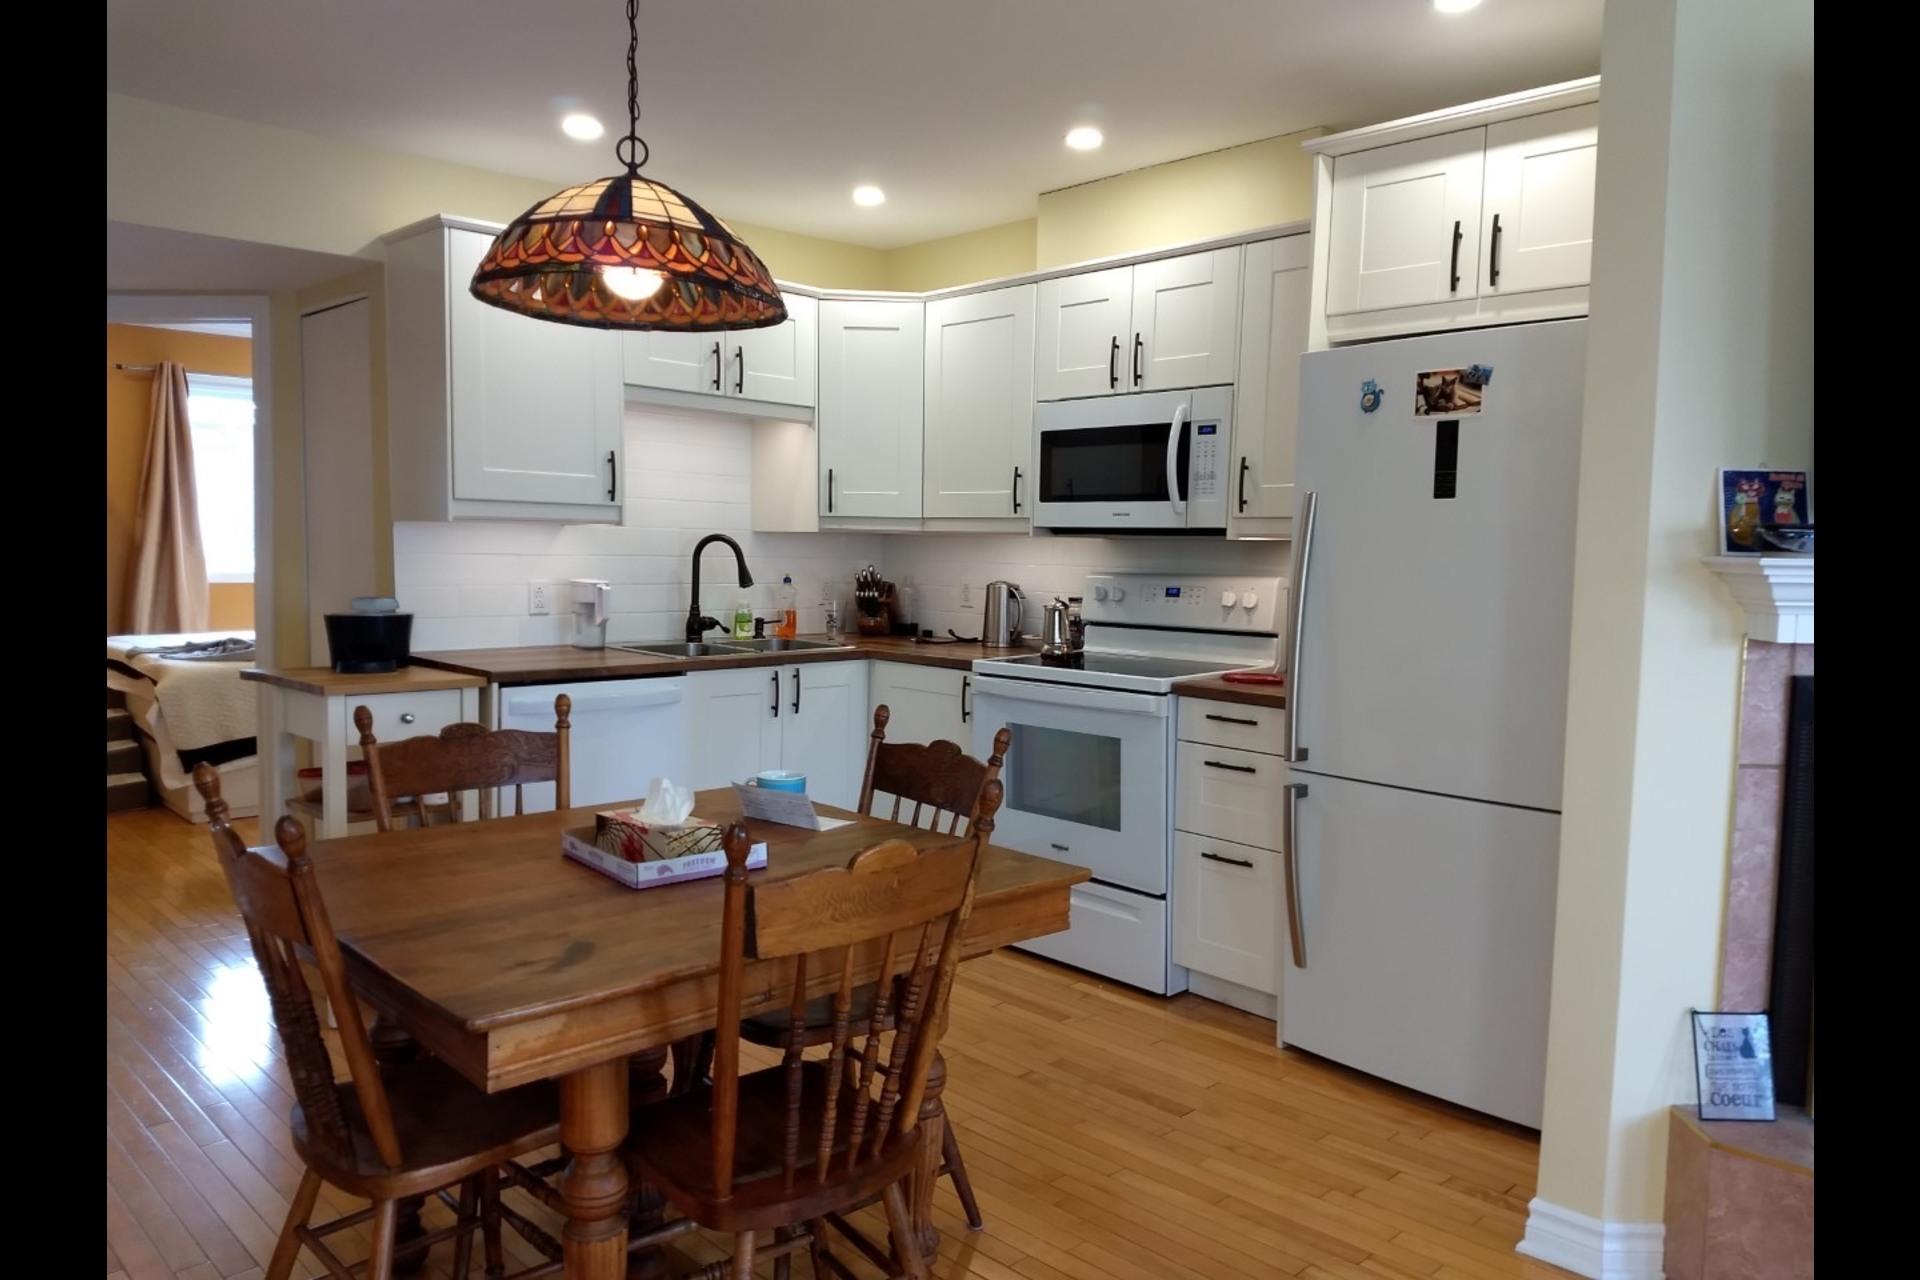 image 1 - Appartement À louer Montréal